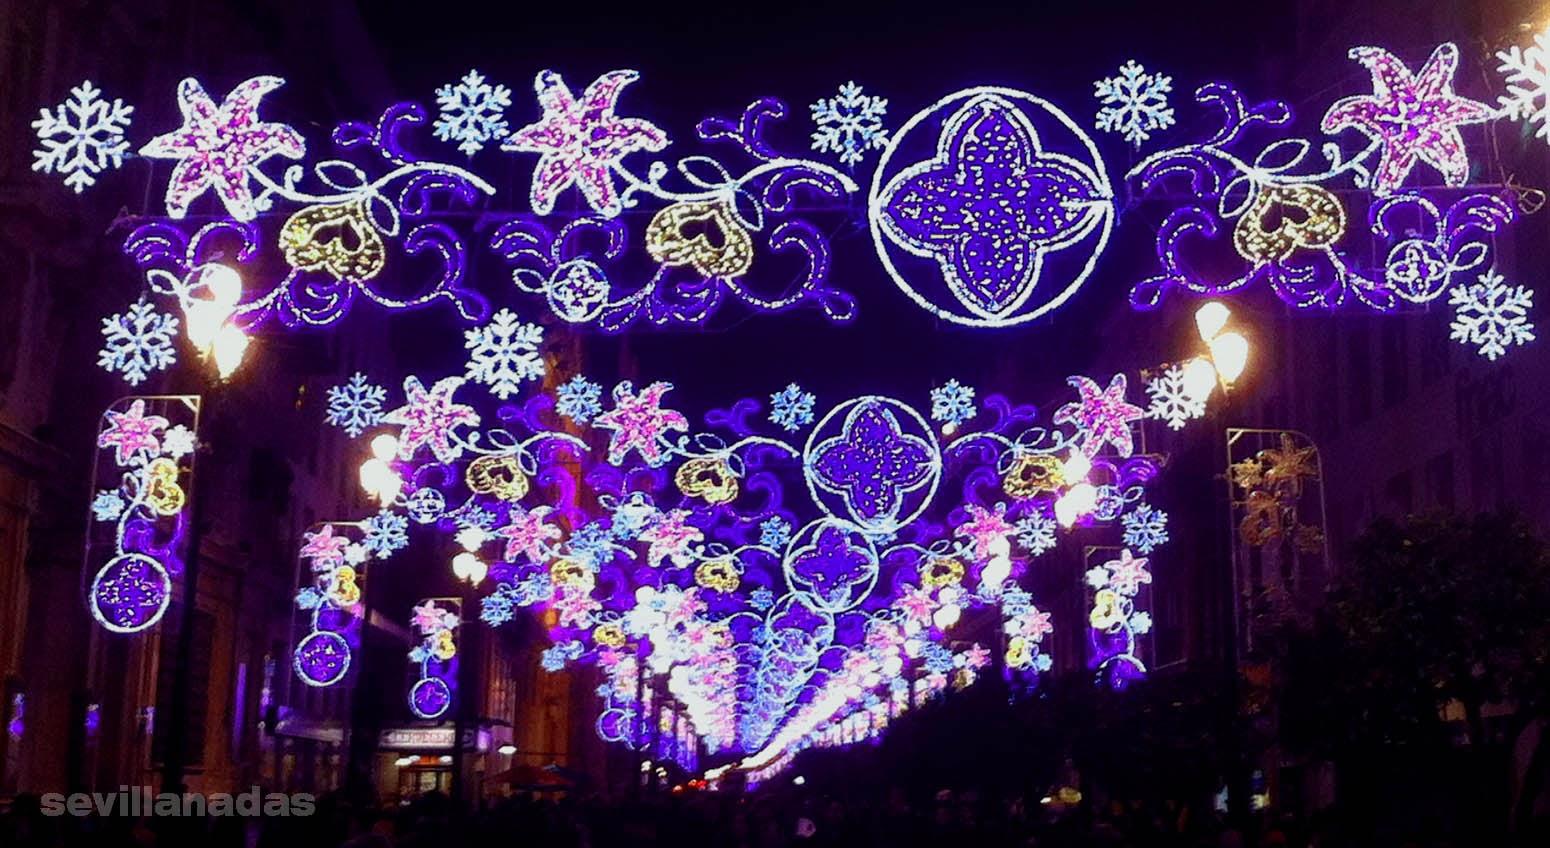 Luces para la navidad de 2014 sevillanadas sevilla en - Luces para navidad ...